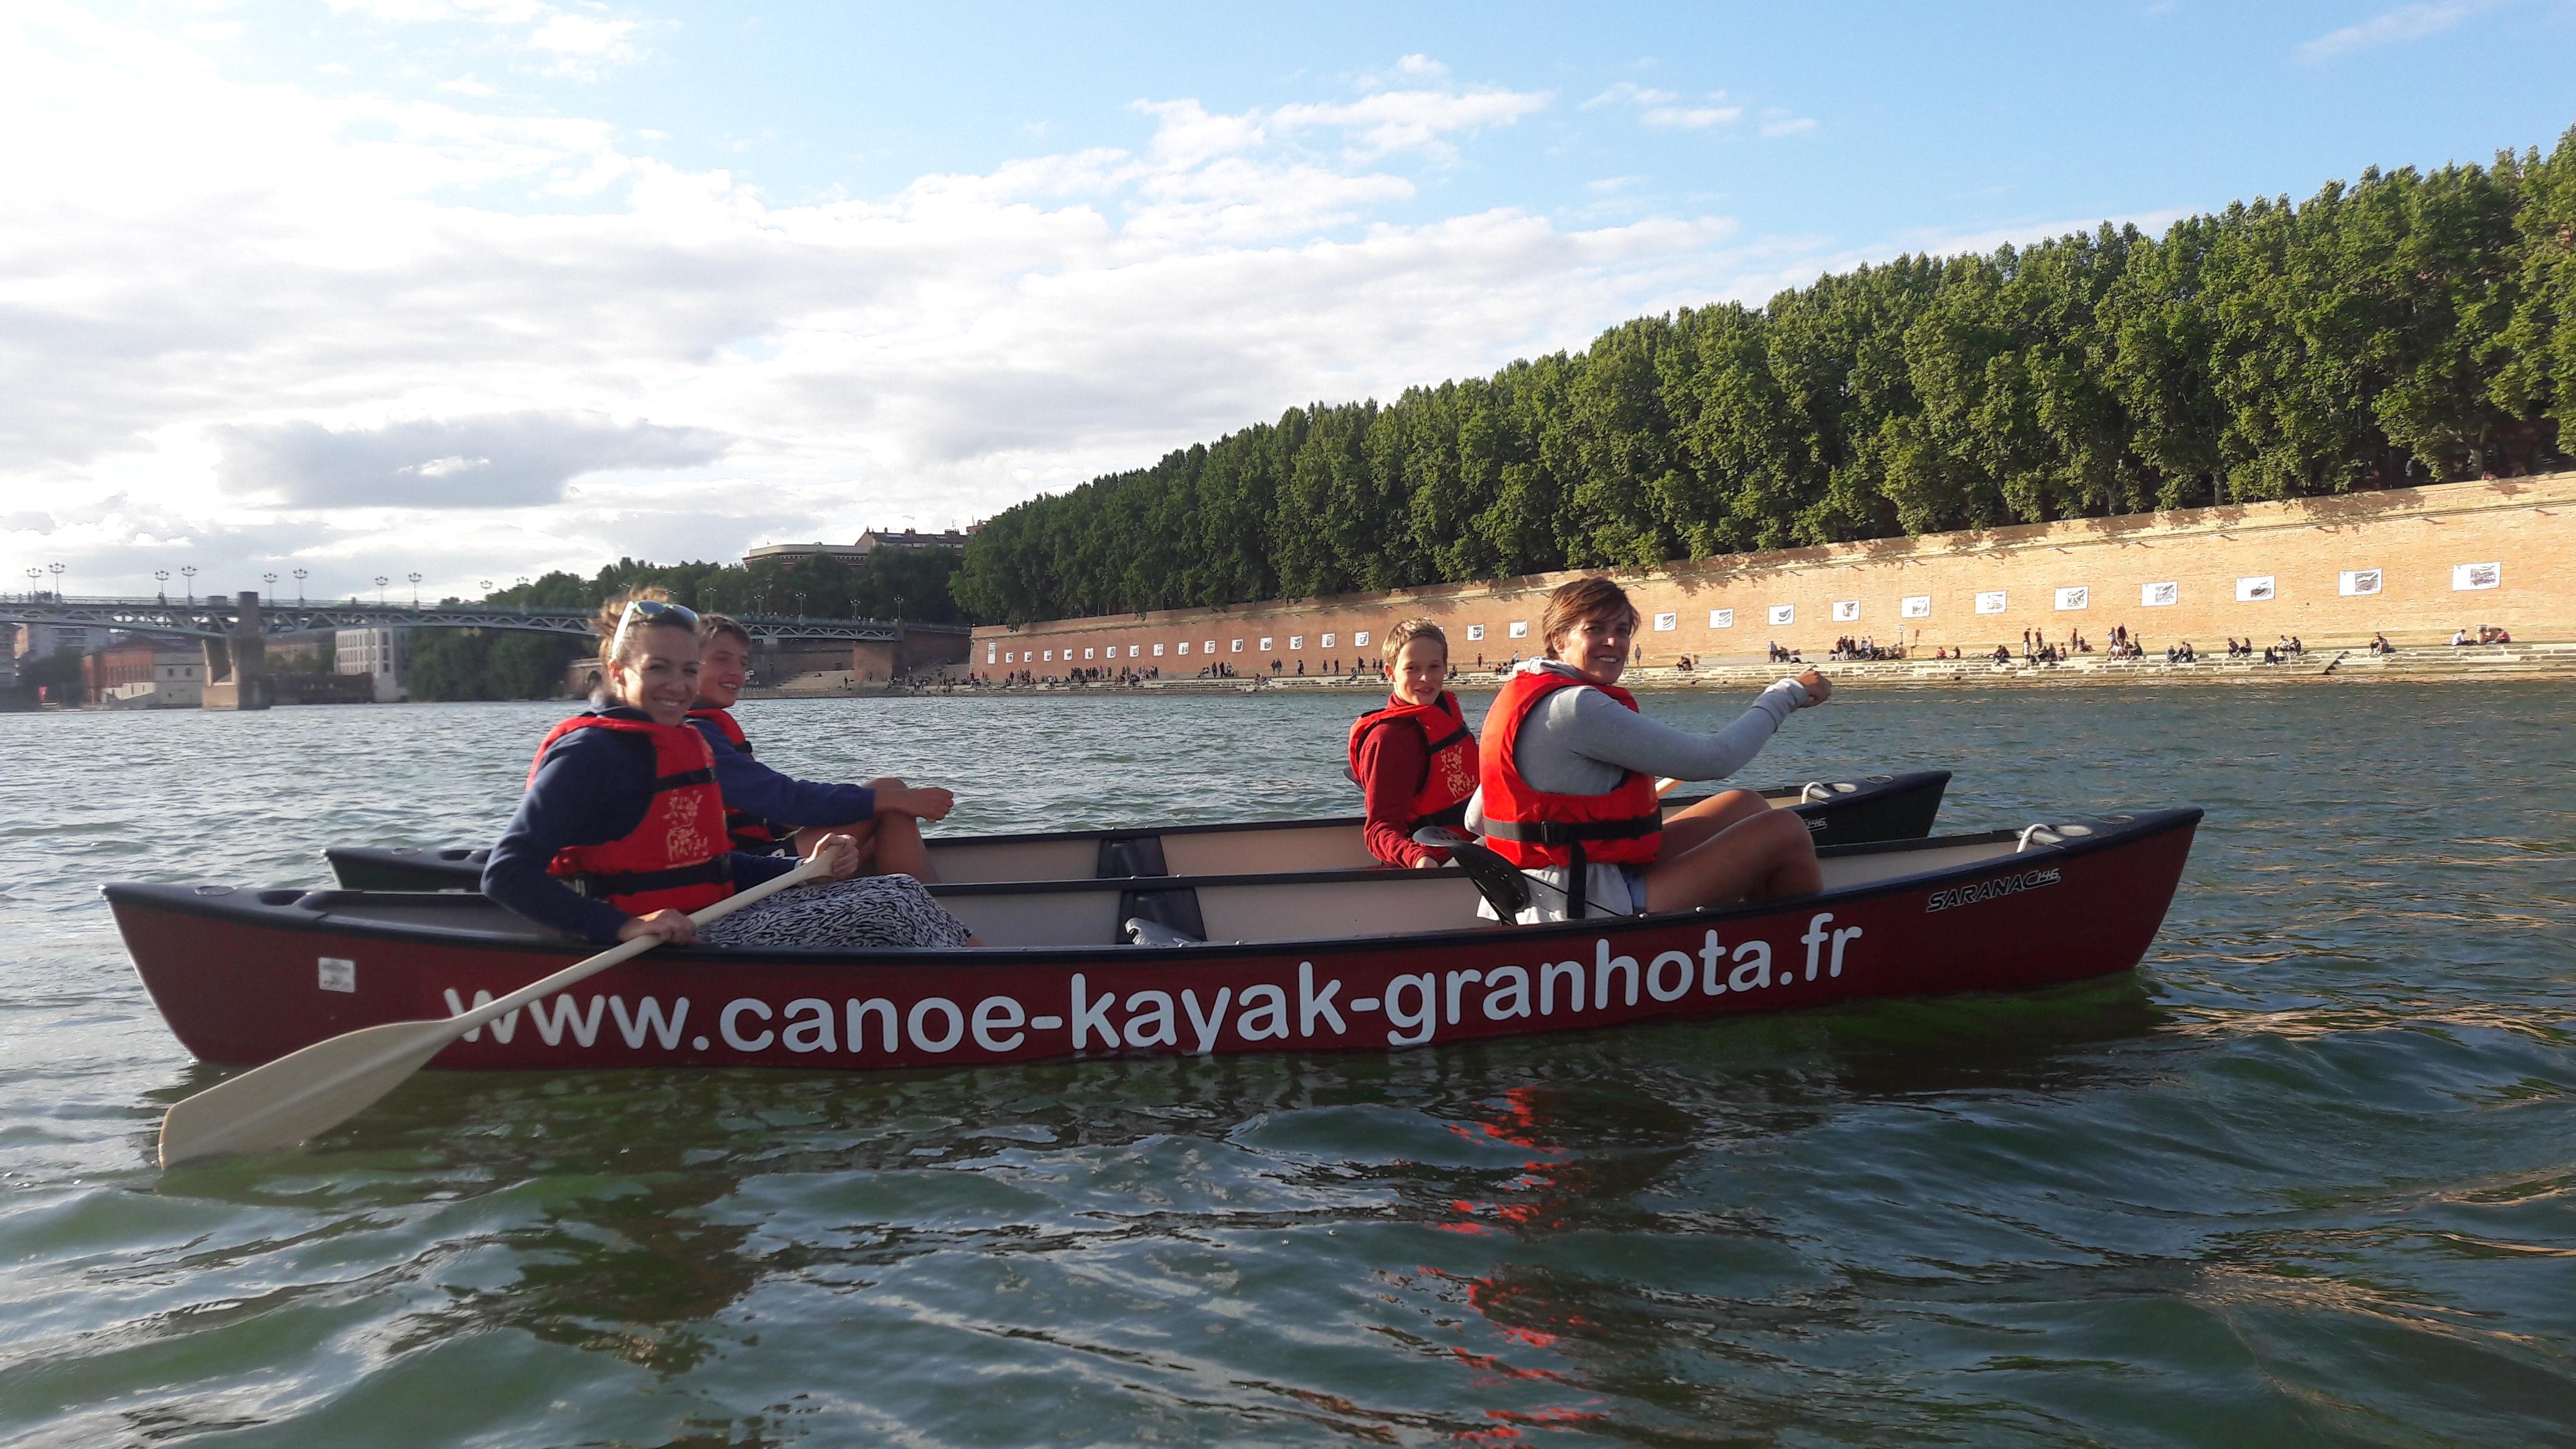 Balade commentée en canoë dans Toulouse + rafraîchissement : 15 € / pers